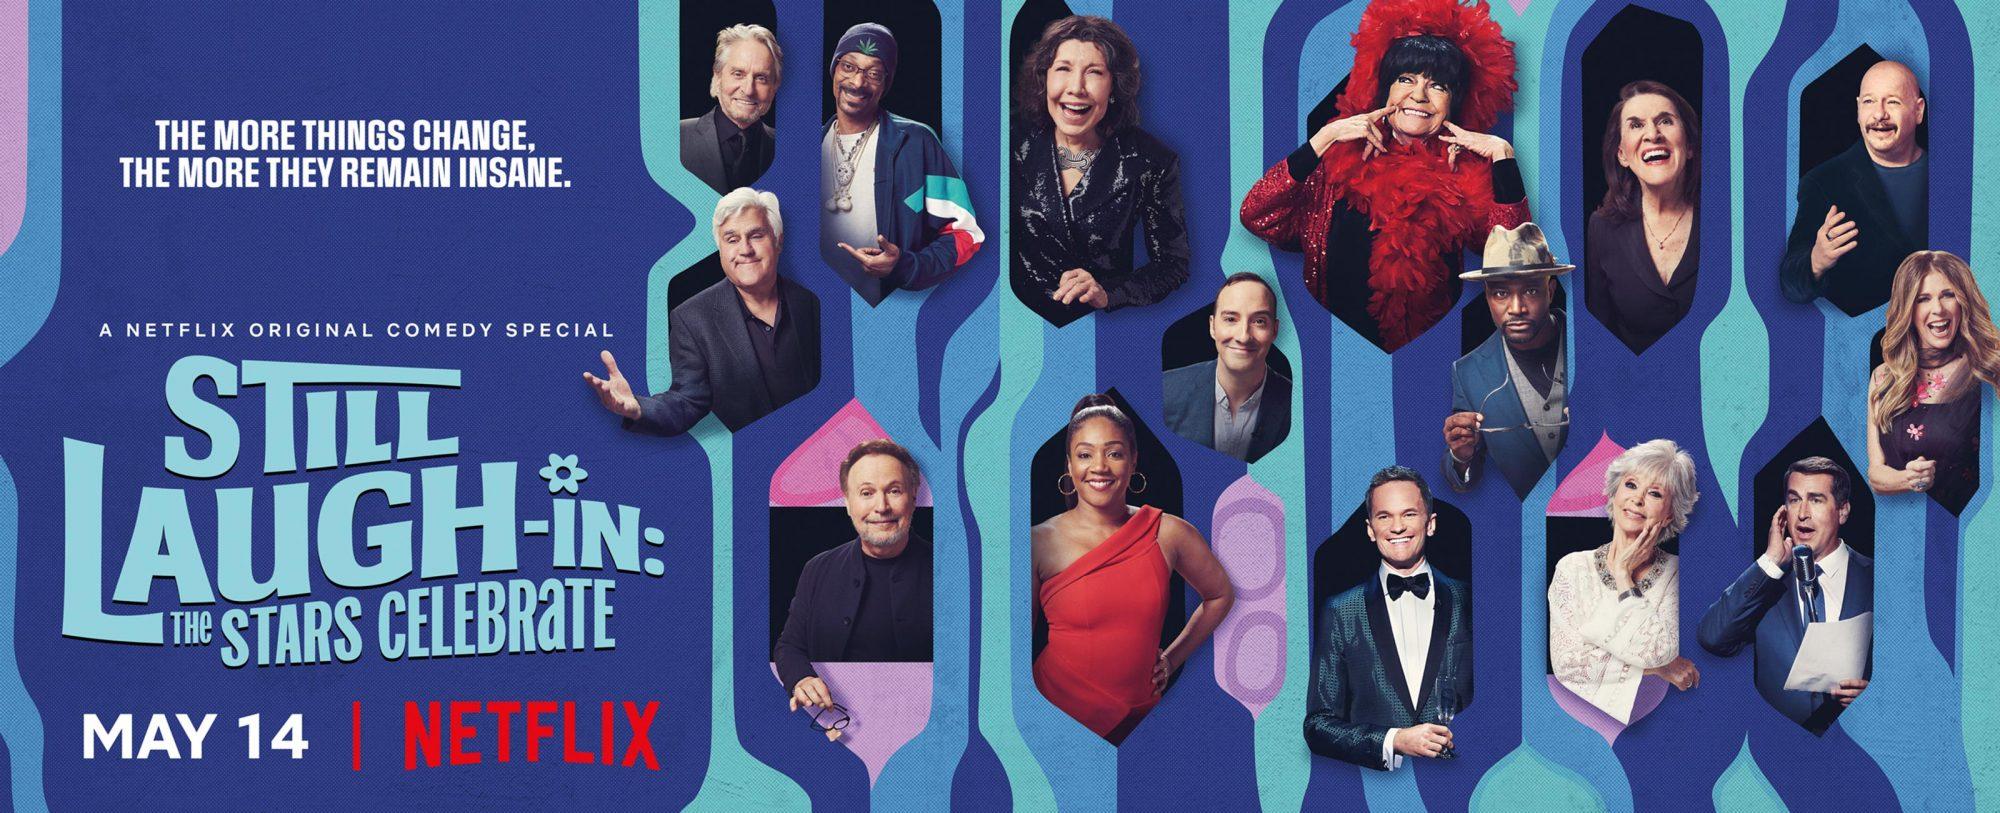 Still LAUGH-IN key art CR: Netflix